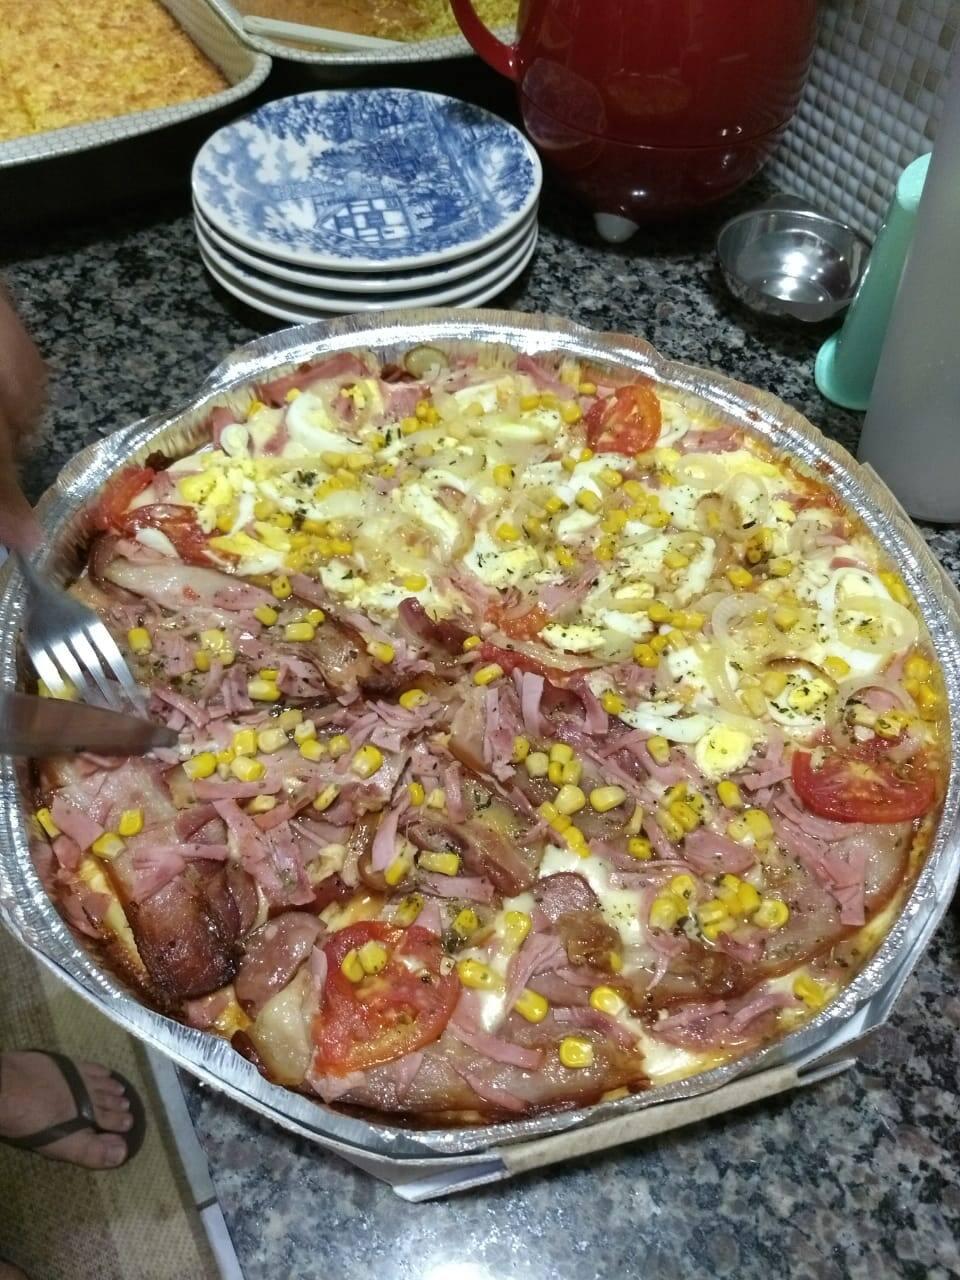 Djalma Lanches e Pizzaria